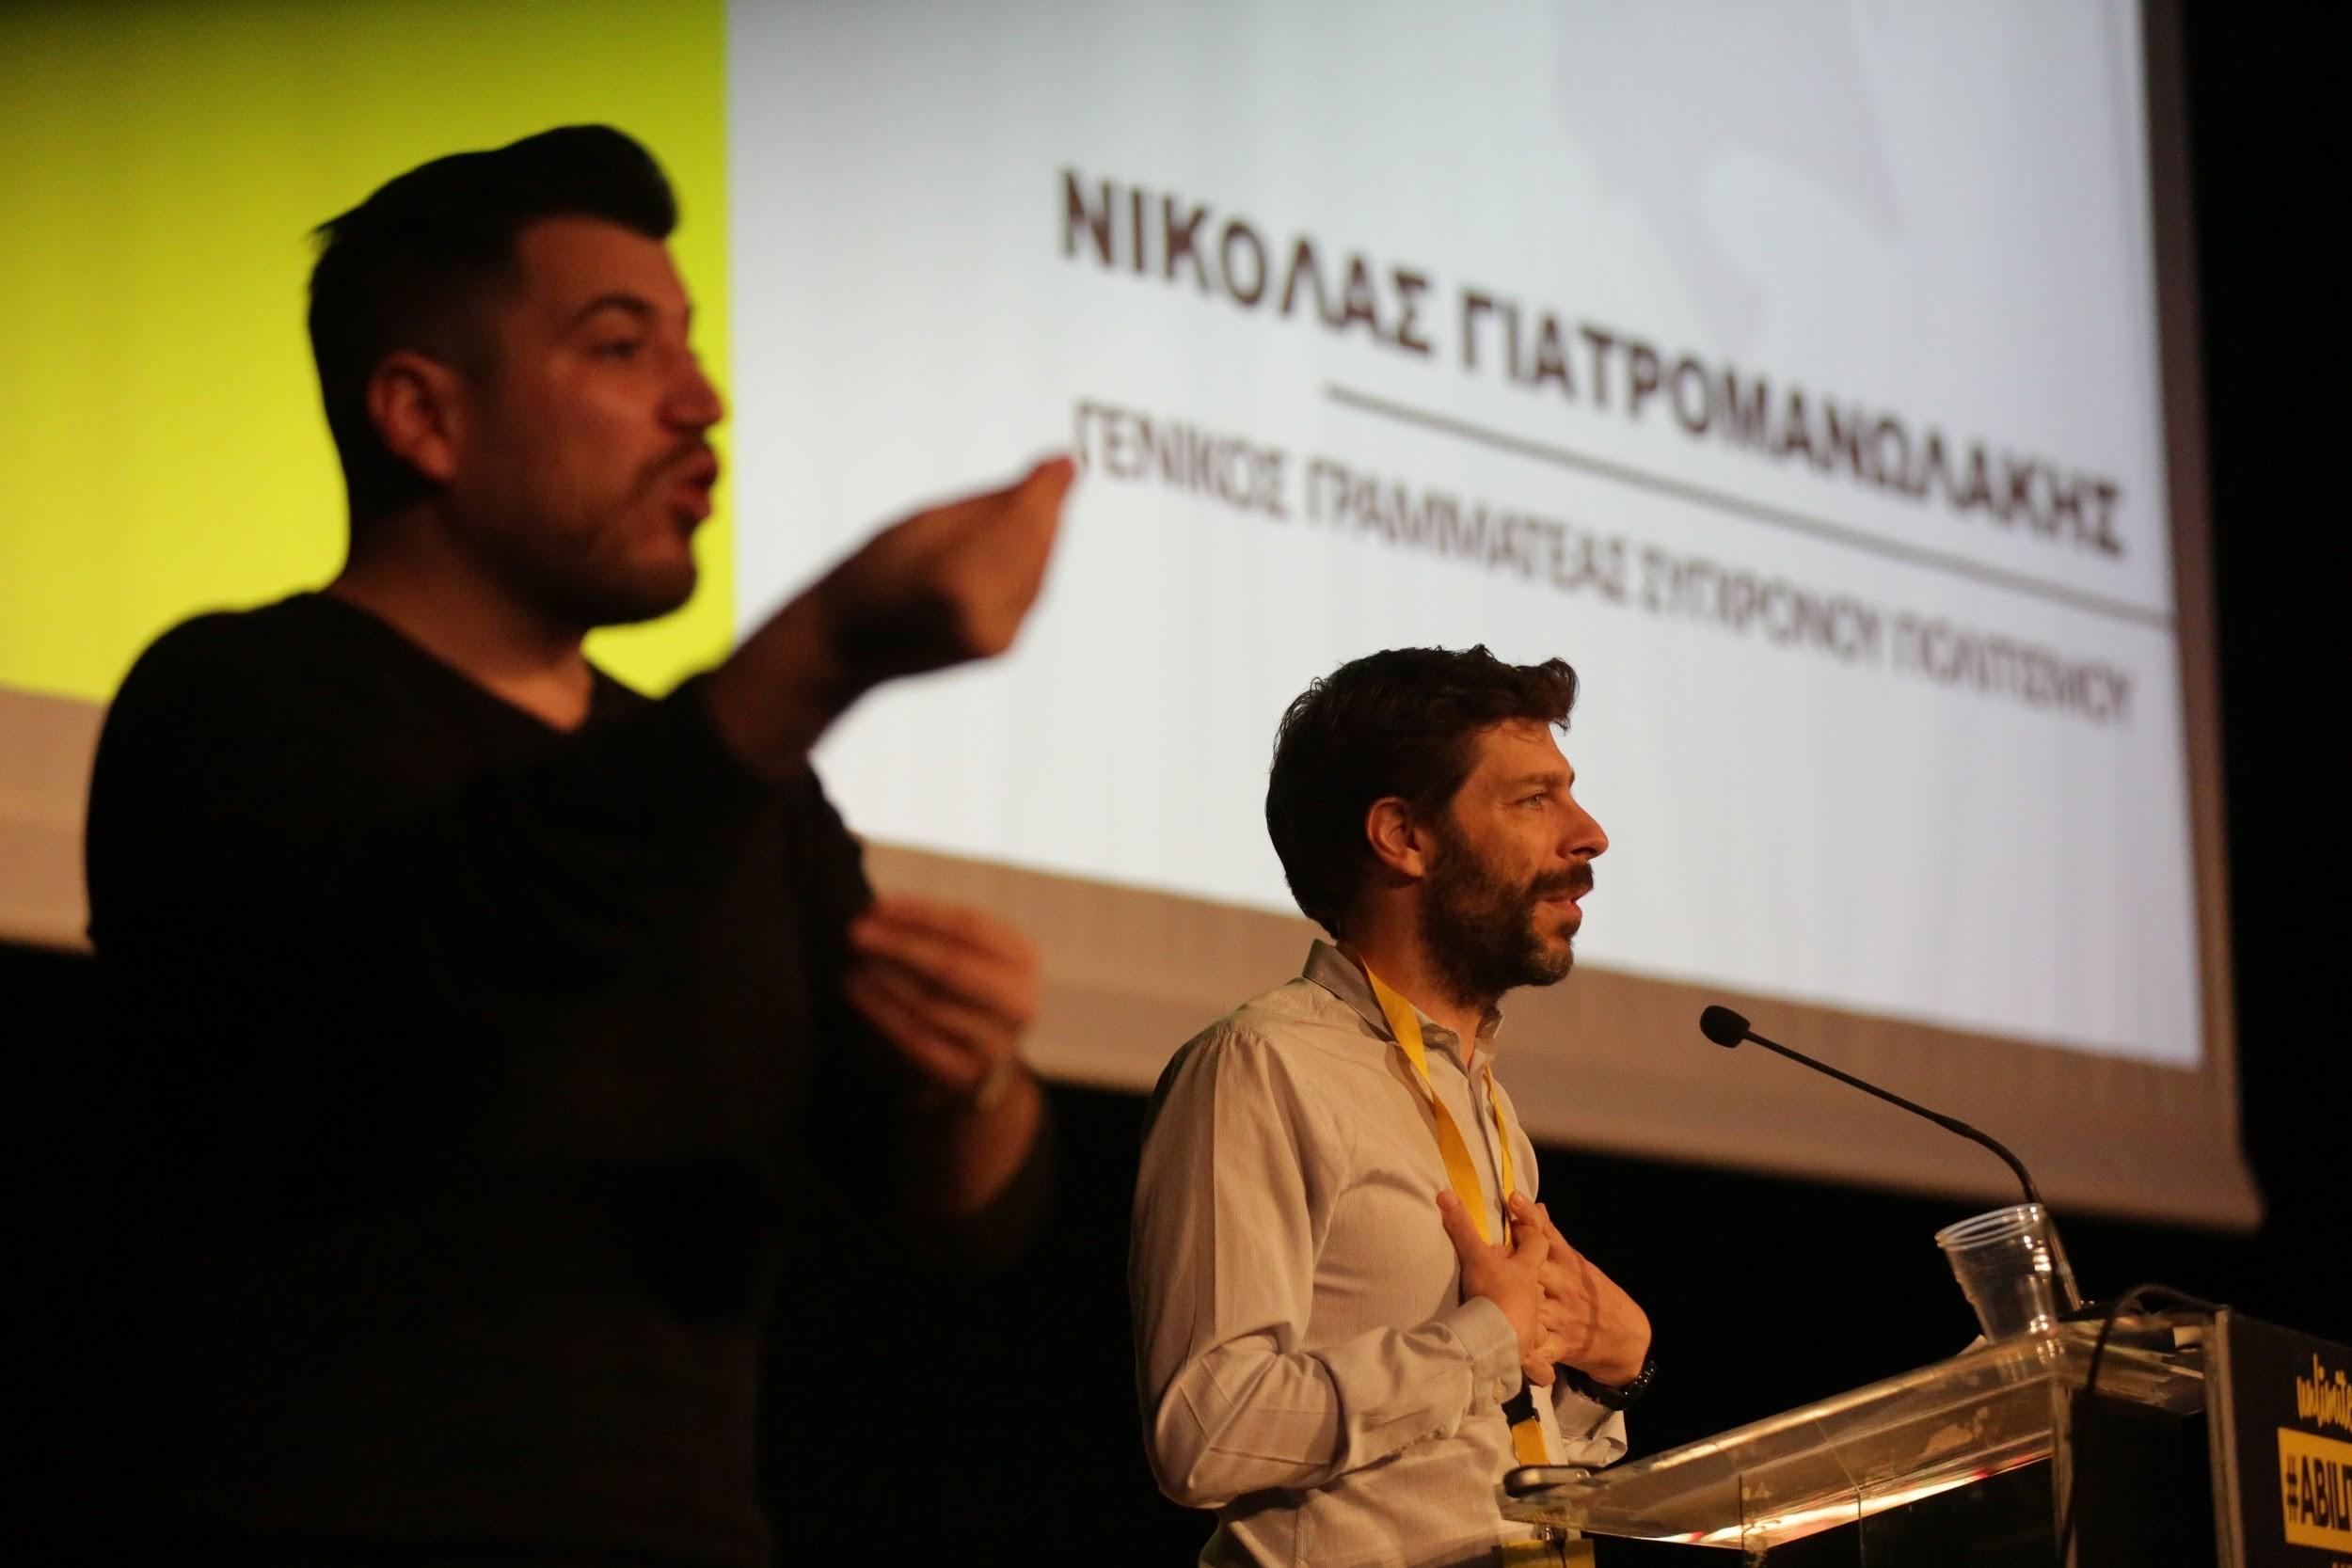 Ο Νικόλας Γιατρομανωλάκης με διερμηνέα τον Γιώργο Στάθη